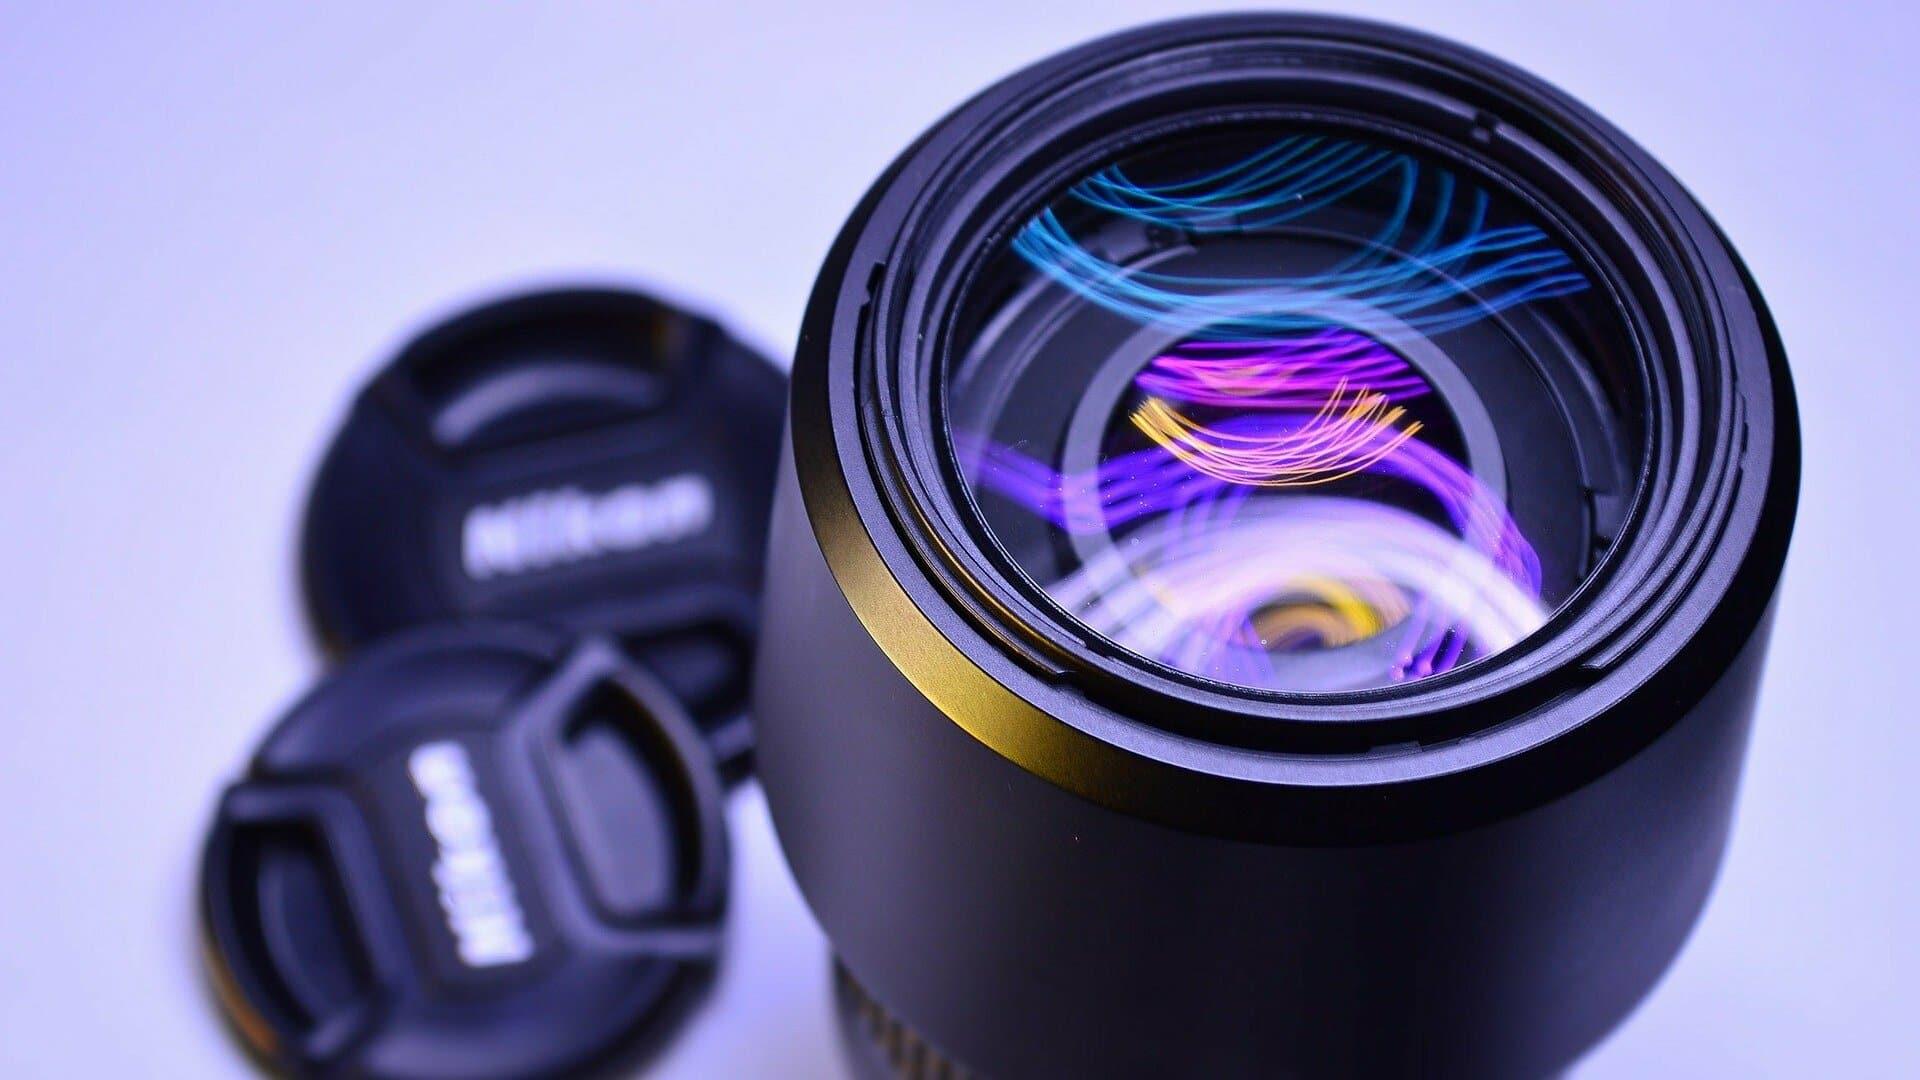 Meilleurs zoom Nikon en 2020 : notre sélection